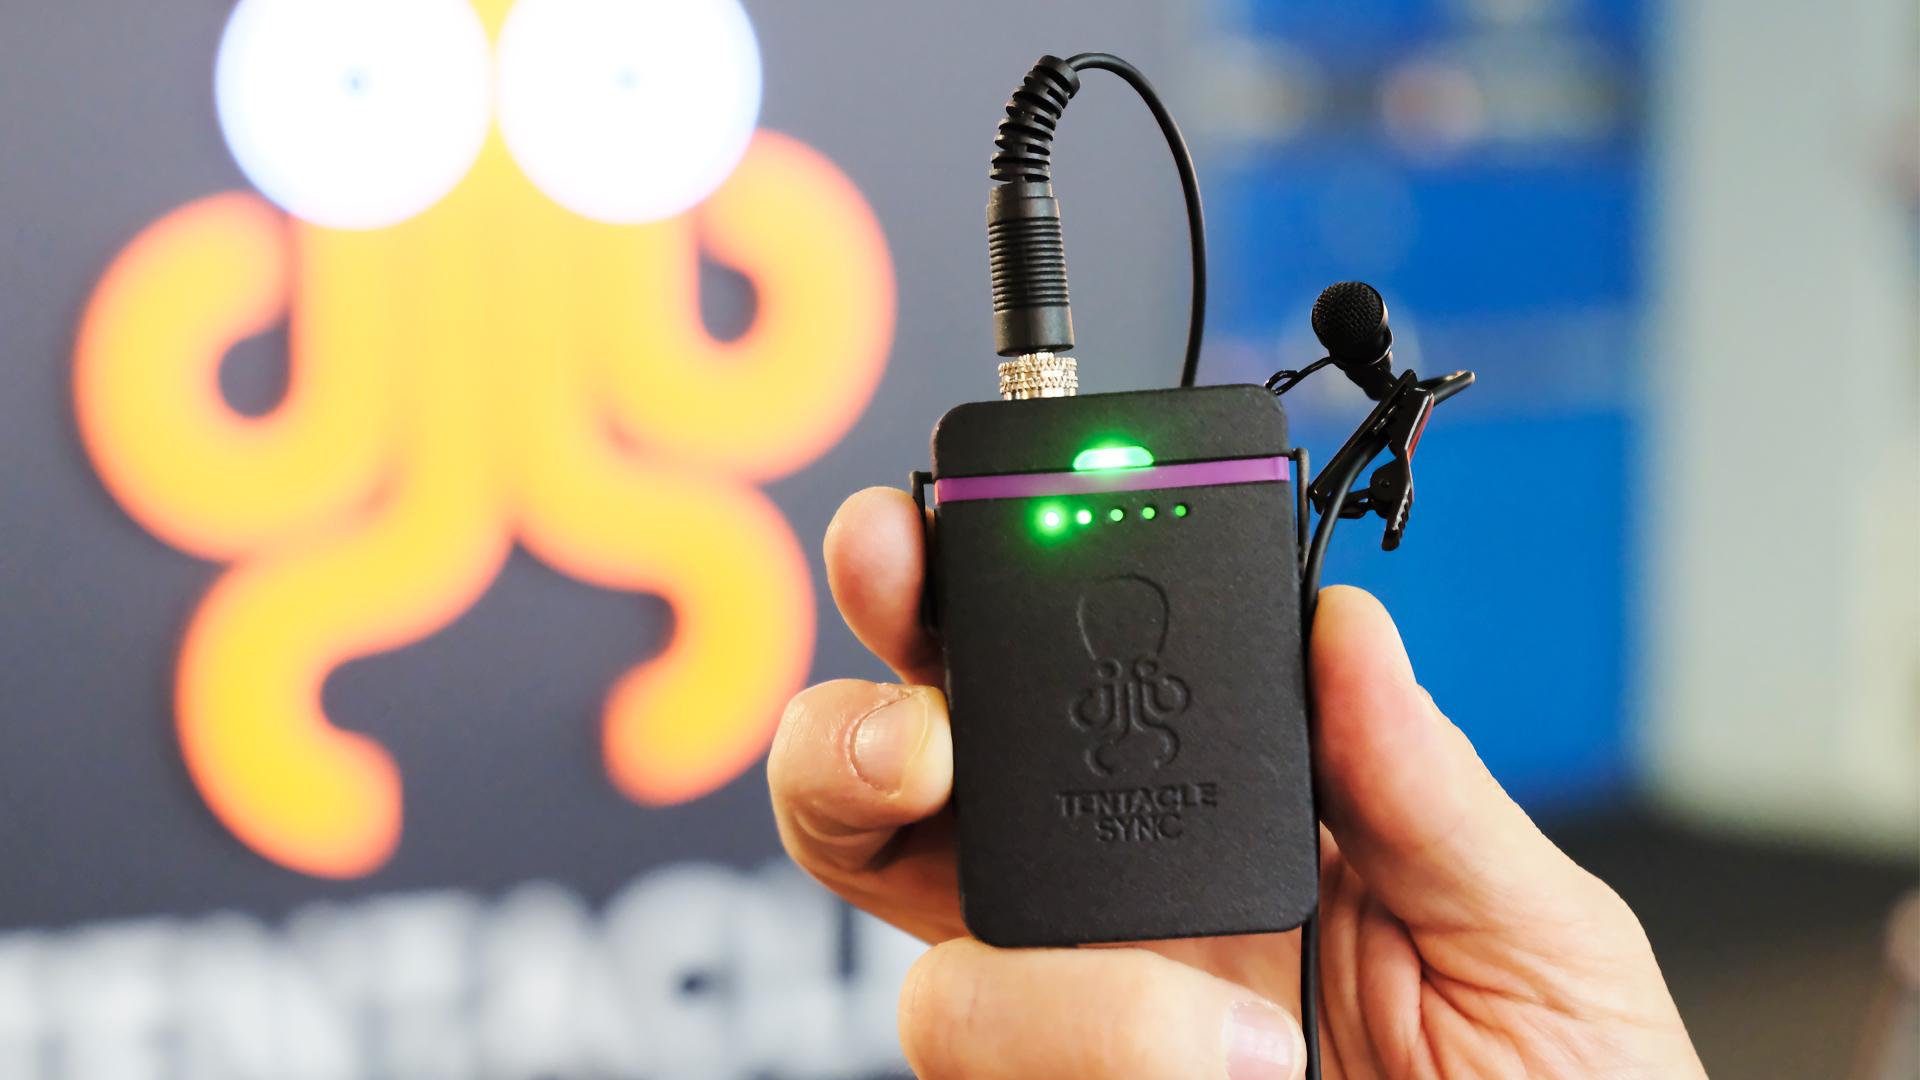 Anuncian el Track E de Tentacle Sync - grabadora de audio sincronizado de bolsillo